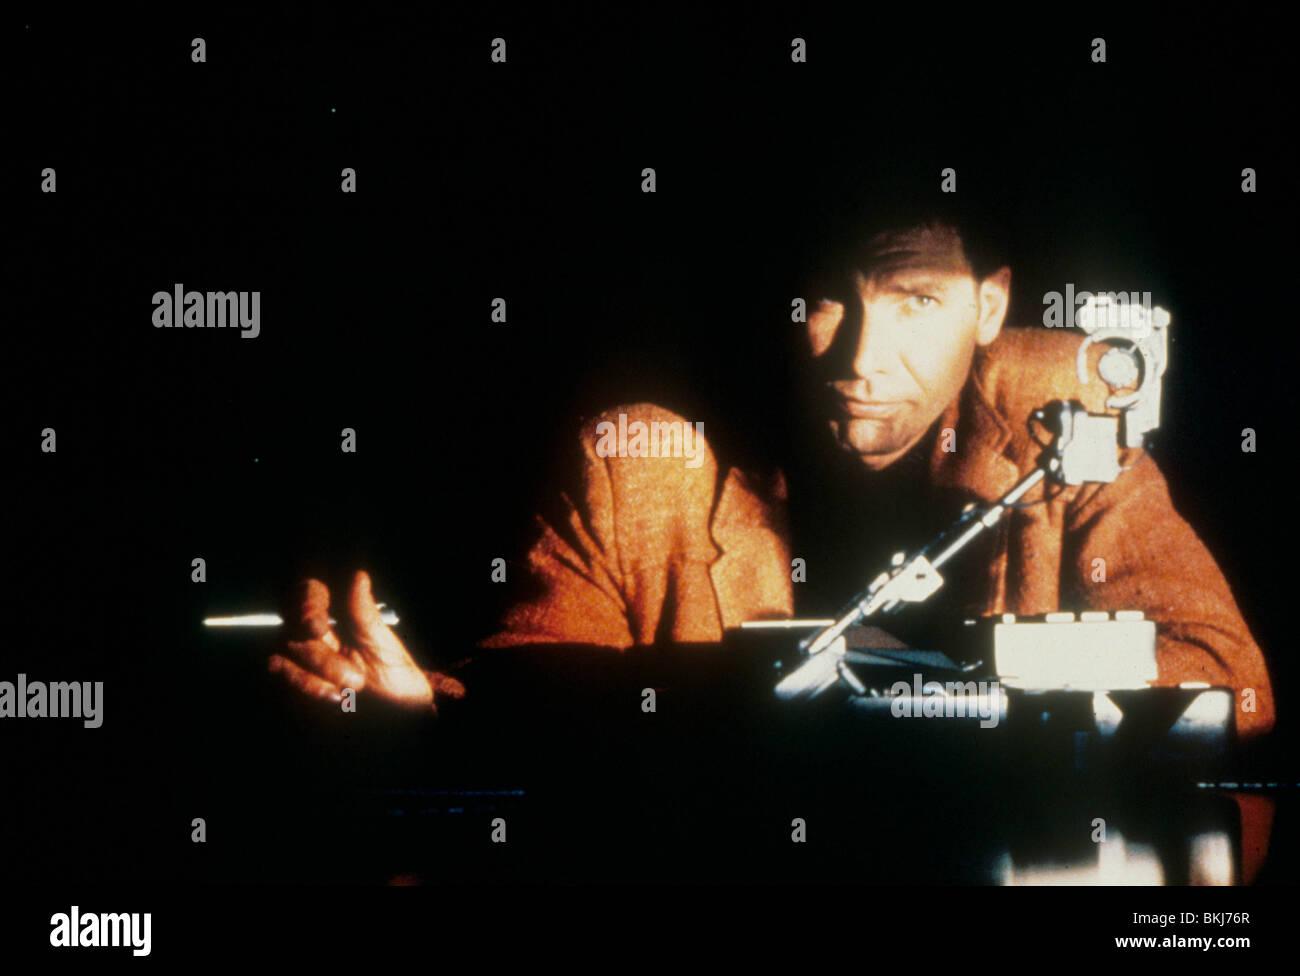 BLADE RUNNER (1982) HARRISON FORD BRNR 139 - Stock Image